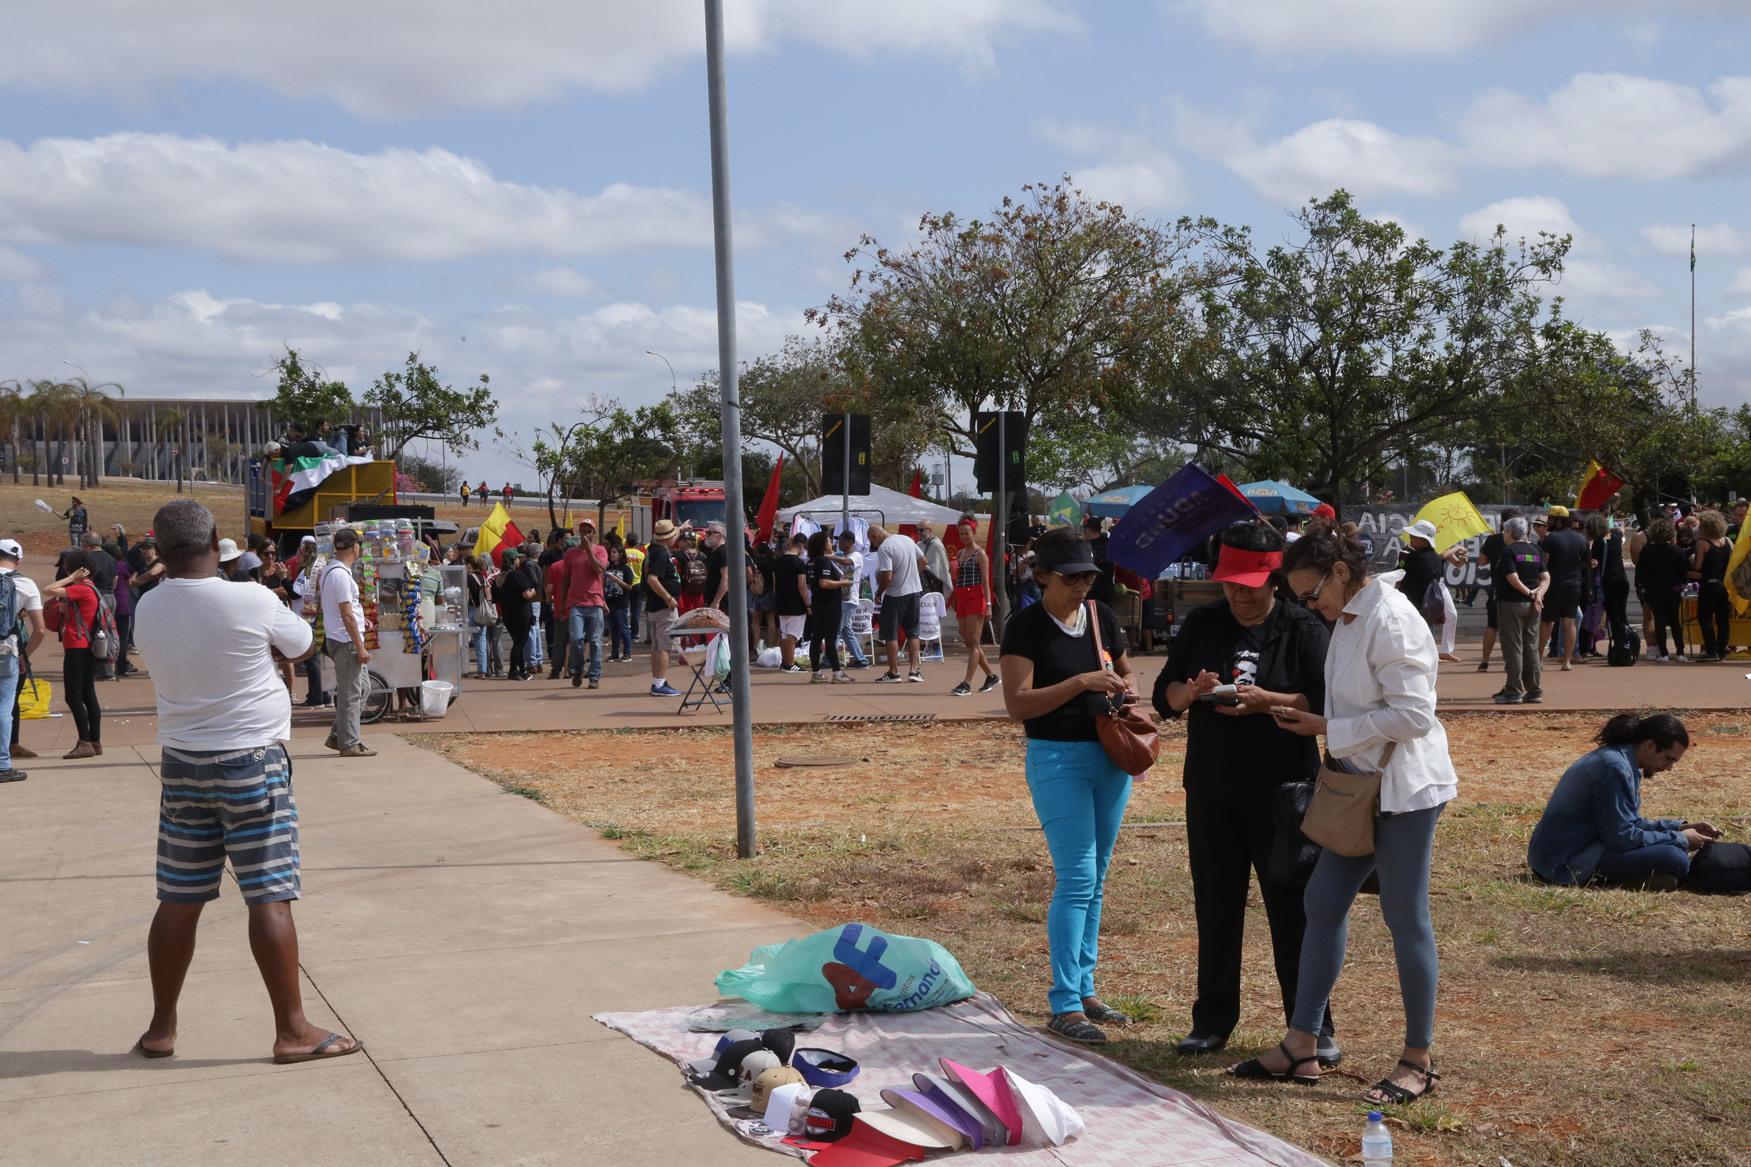 2019.09.07-grito-dos-excluidos-estacionamento-da-torre-de-TV_fotos-ECOM-7